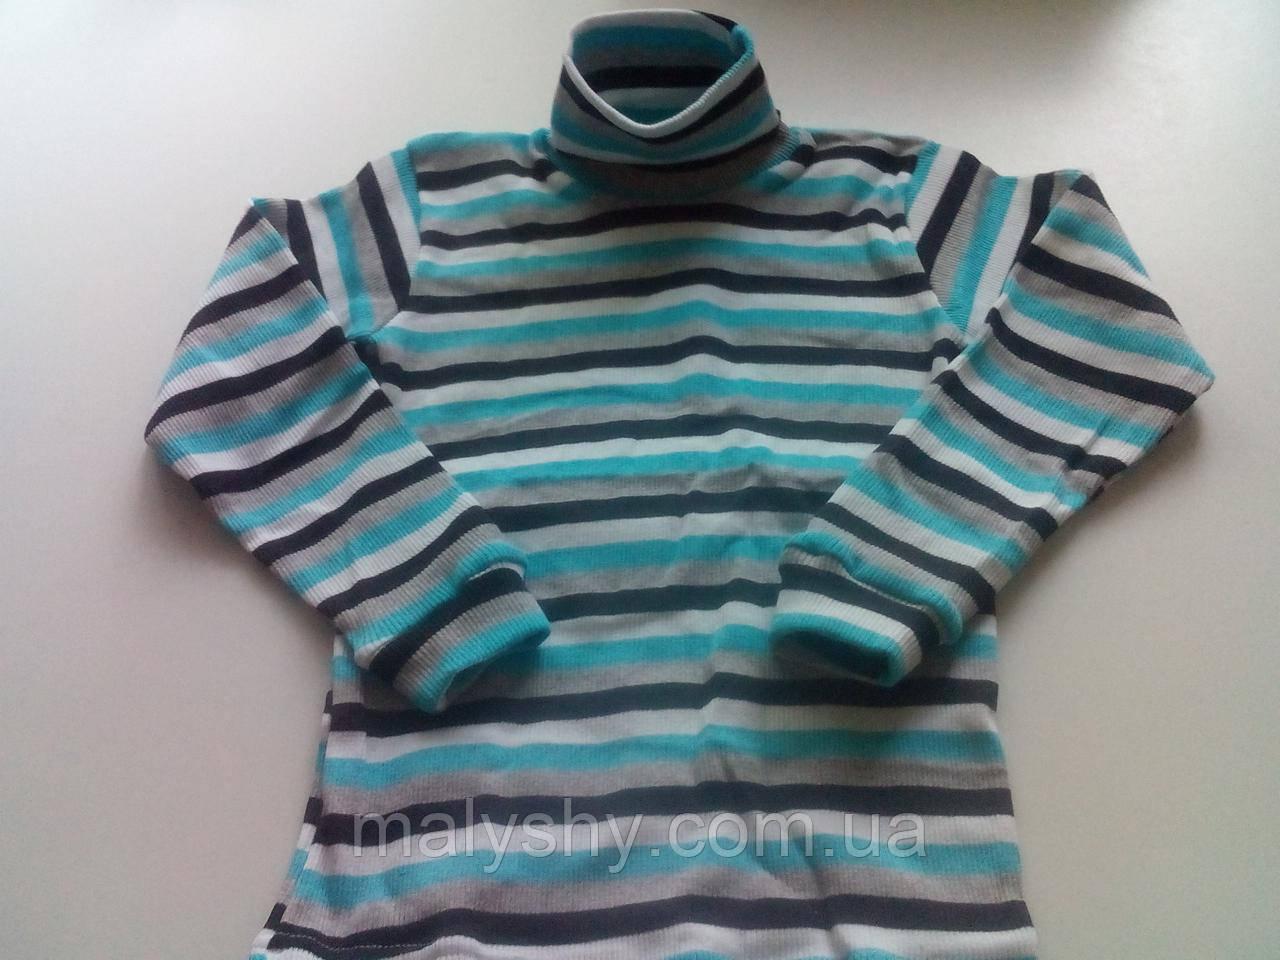 Водолазка полосатая 230219407, рост 134-140 размер 72 / голубой-белый-черный-серый